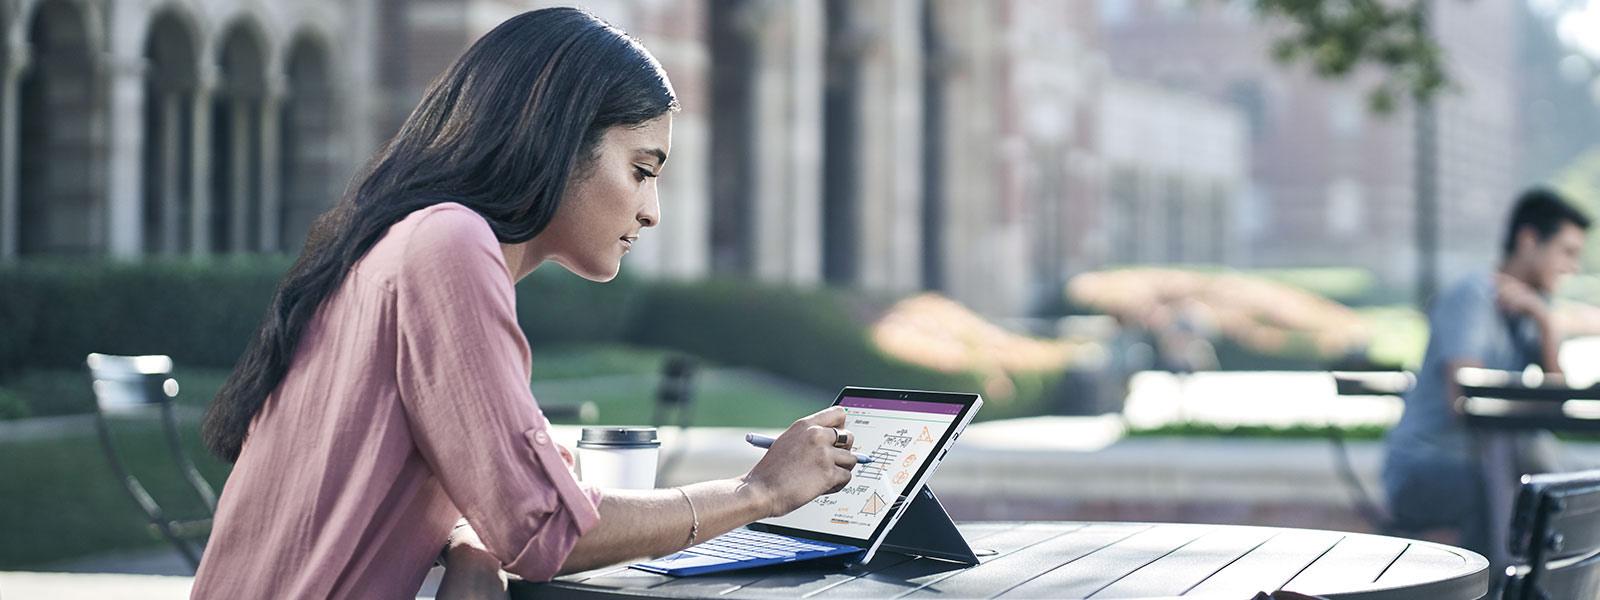 女人使用 Surface 手寫筆在 Surface Studio 螢幕上繪圖,同時用另一隻手捏合縮放